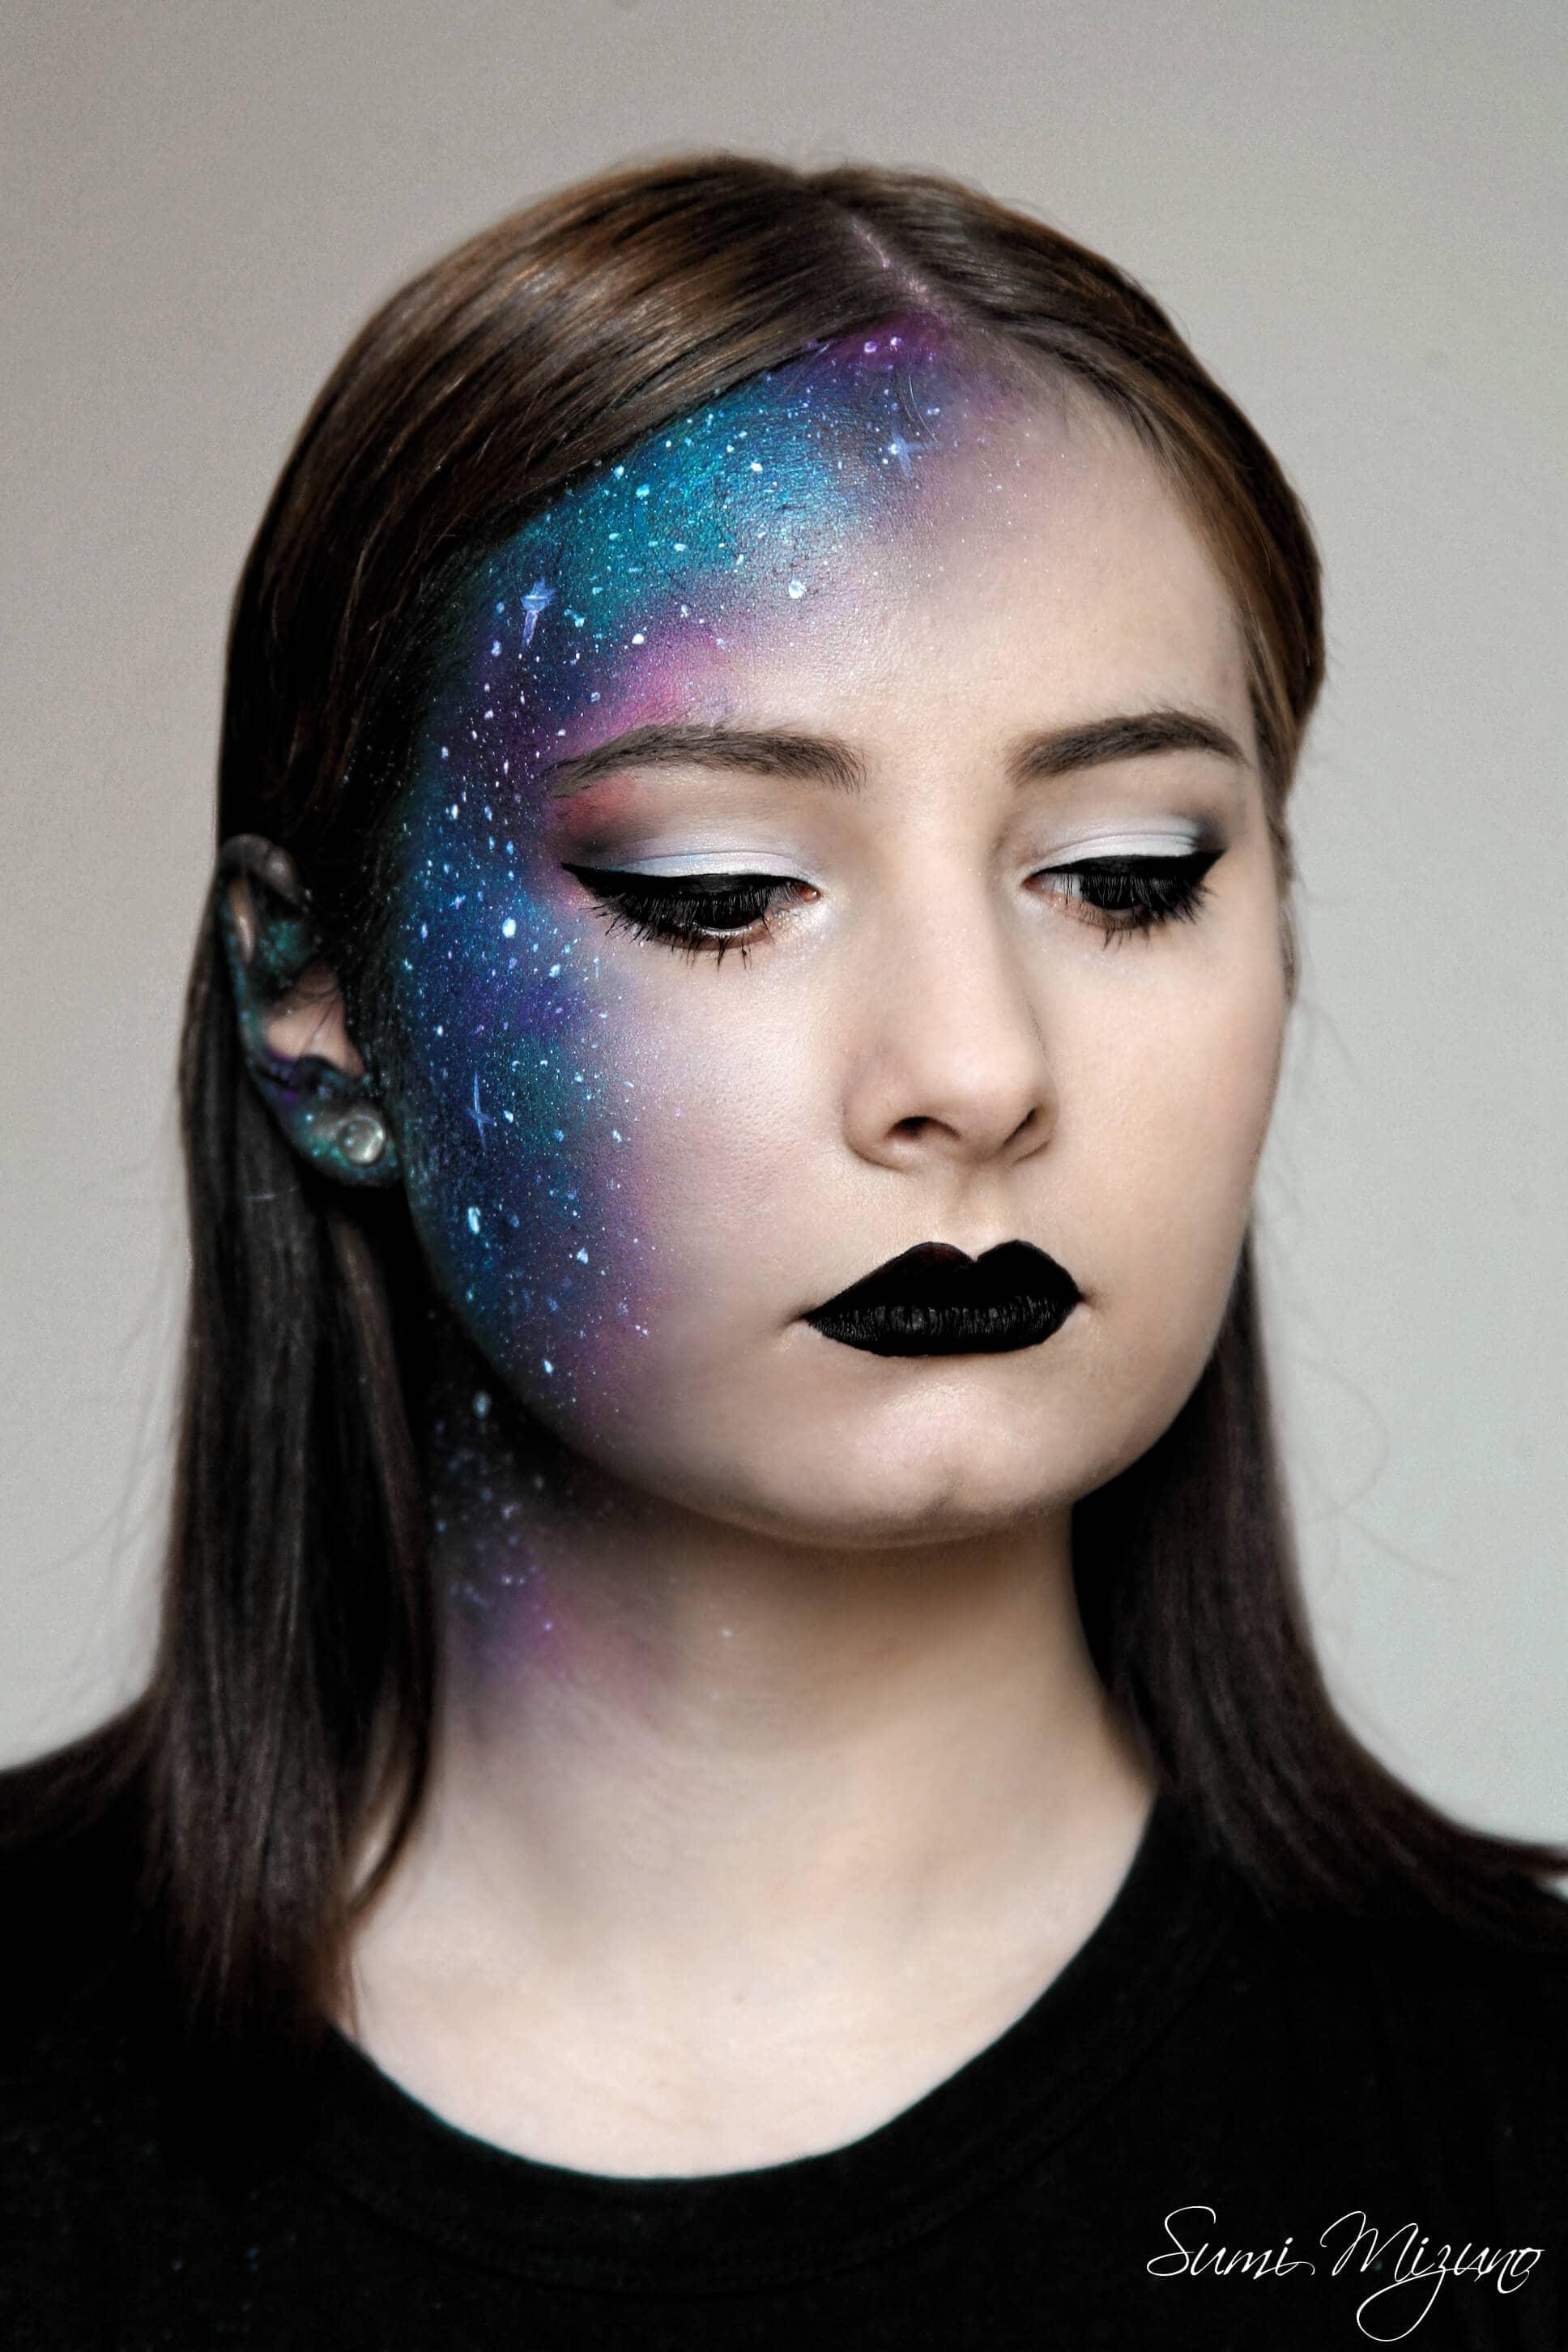 Settling Stardust